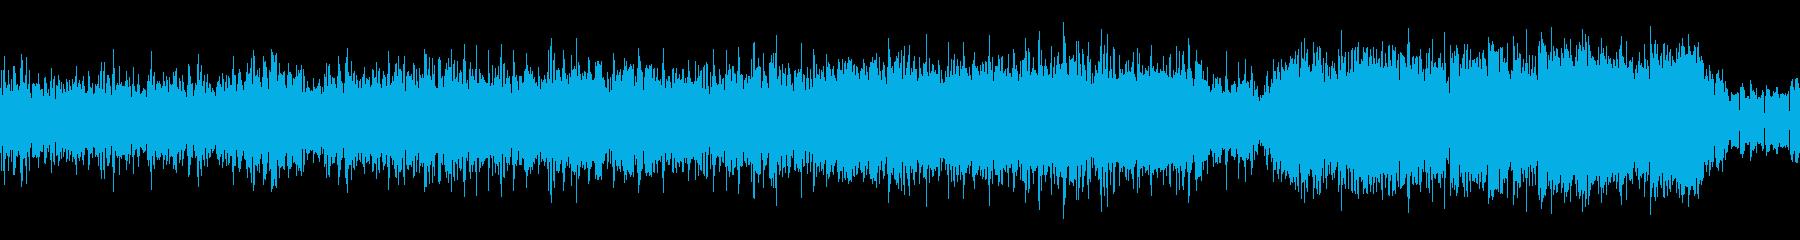 声フレーズの入ったバトル系の曲(ループ)の再生済みの波形